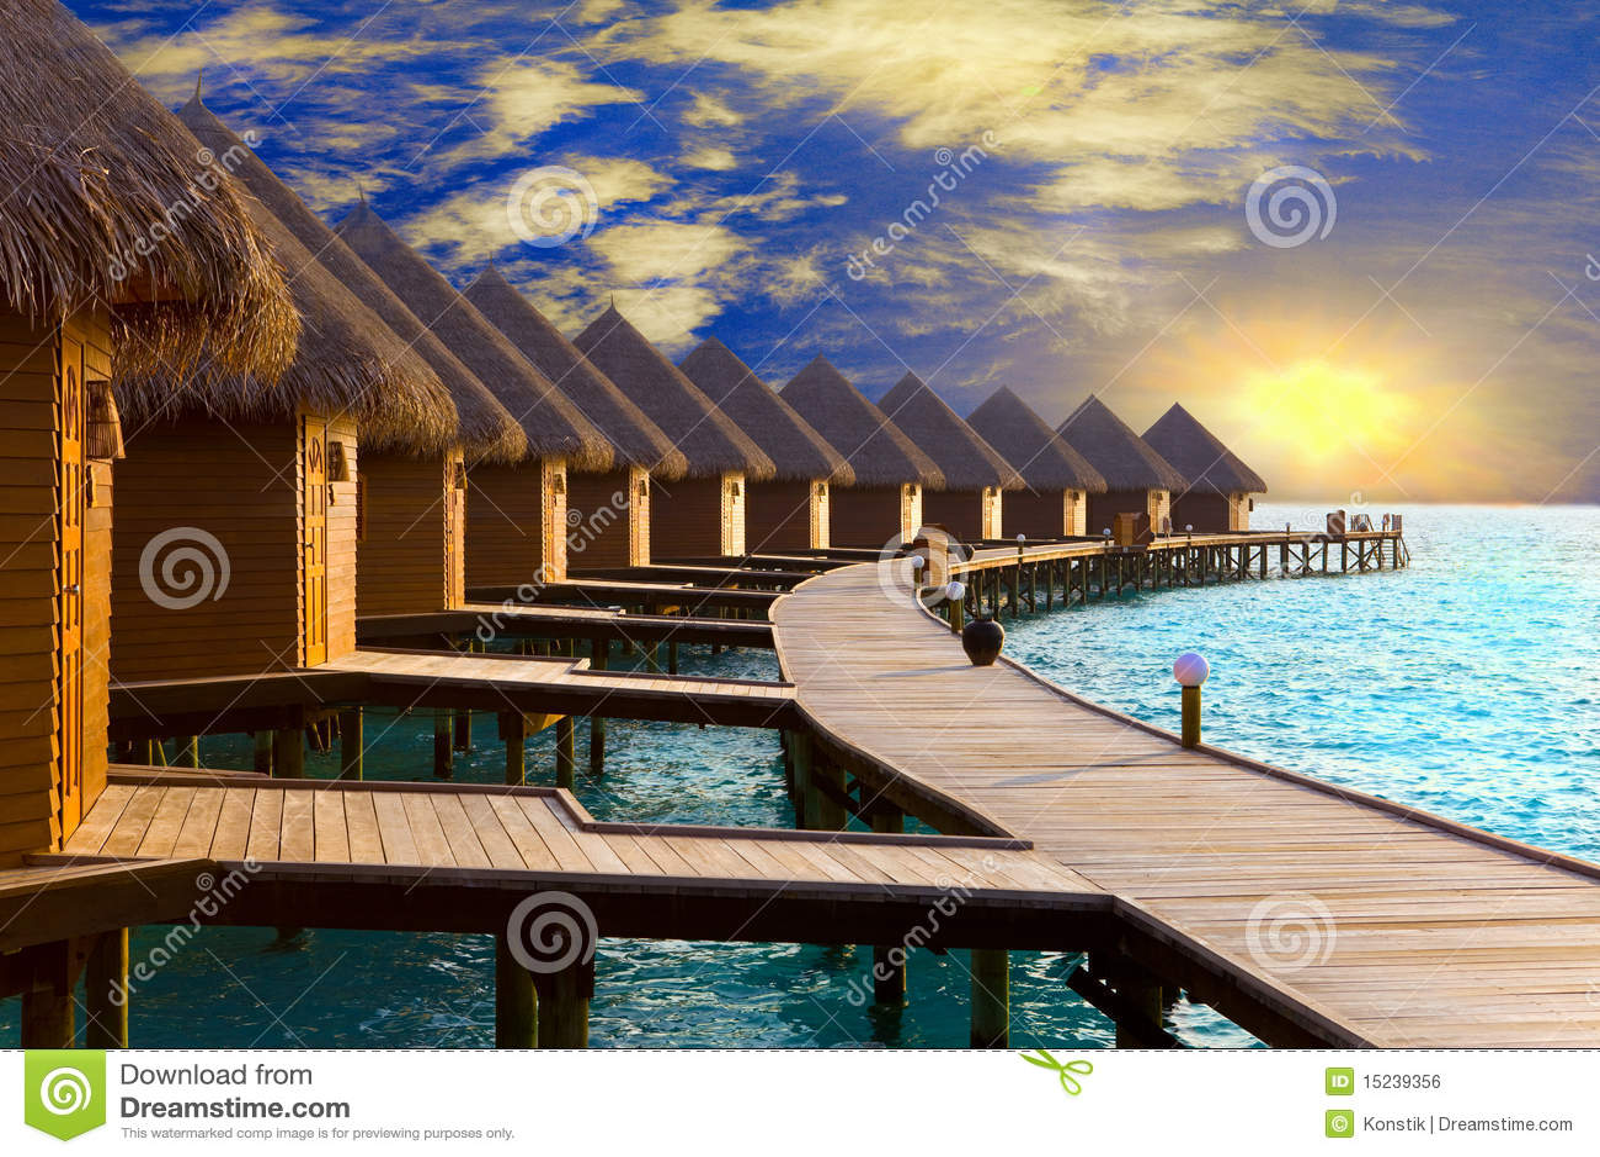 Maldives. Chalet en pilas en el agua en ese entonces su